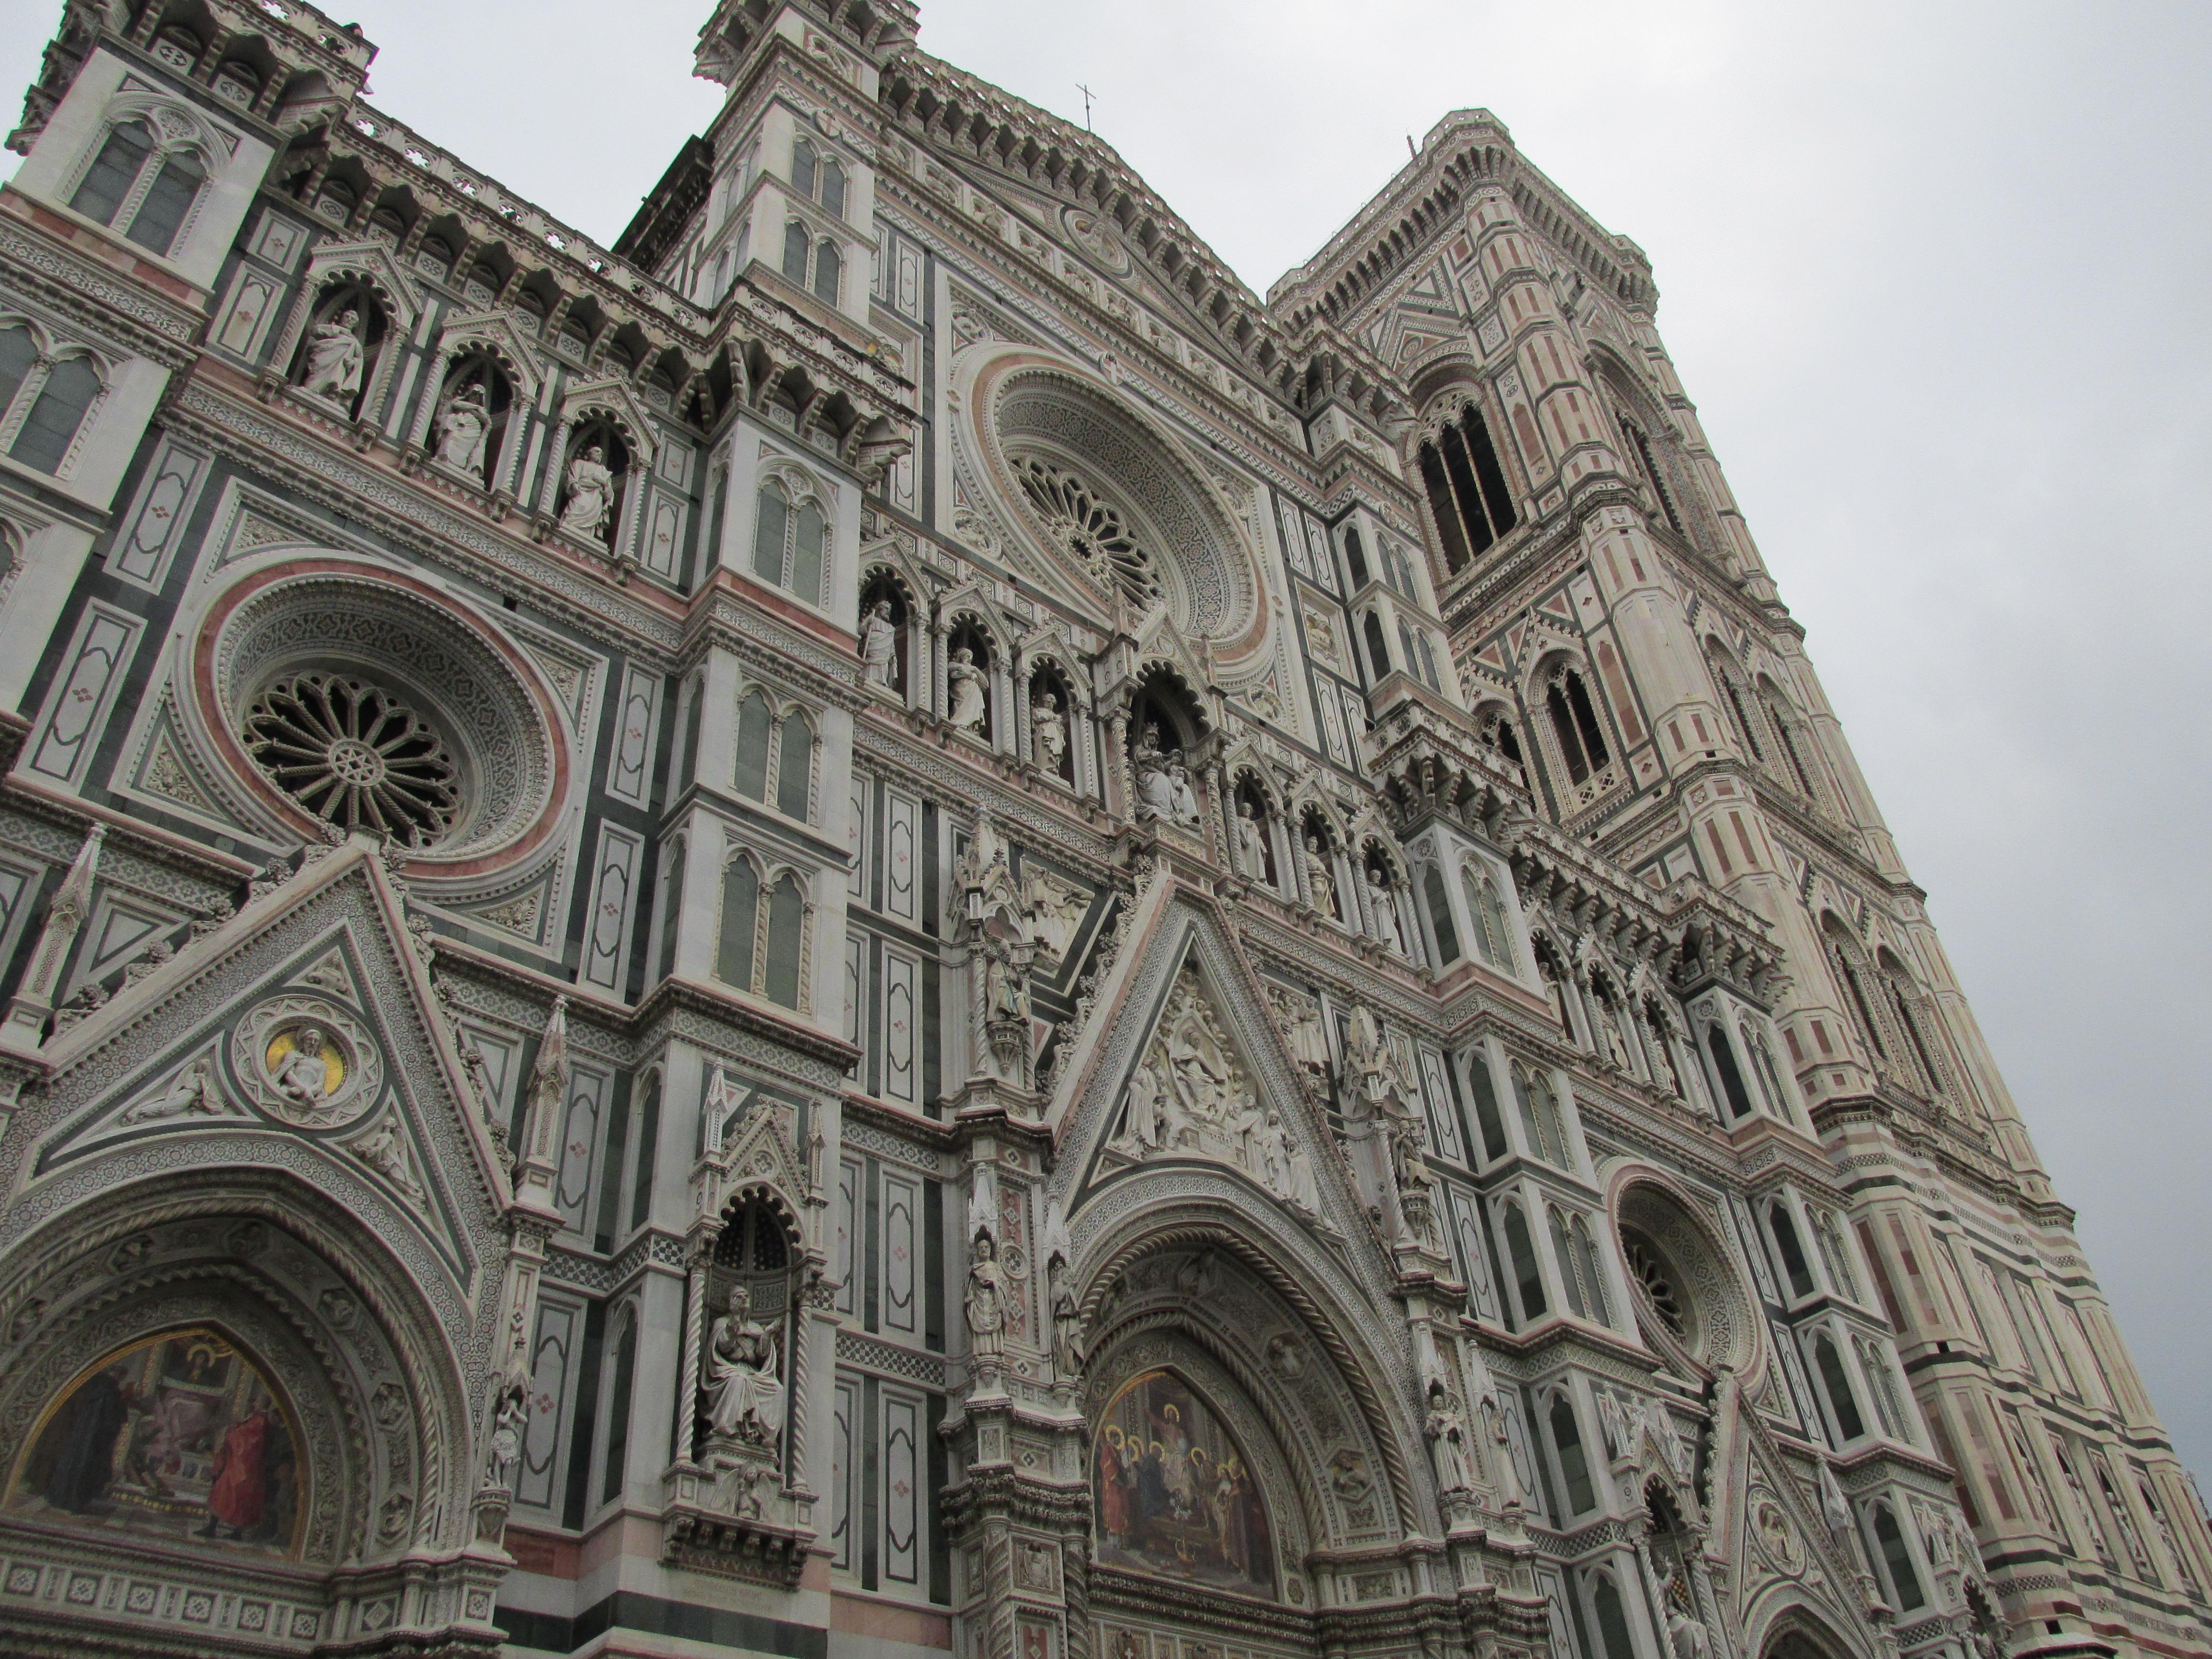 img 2862 - Visitando la Catedral Santa Maria del Fiore de Florencia III/III